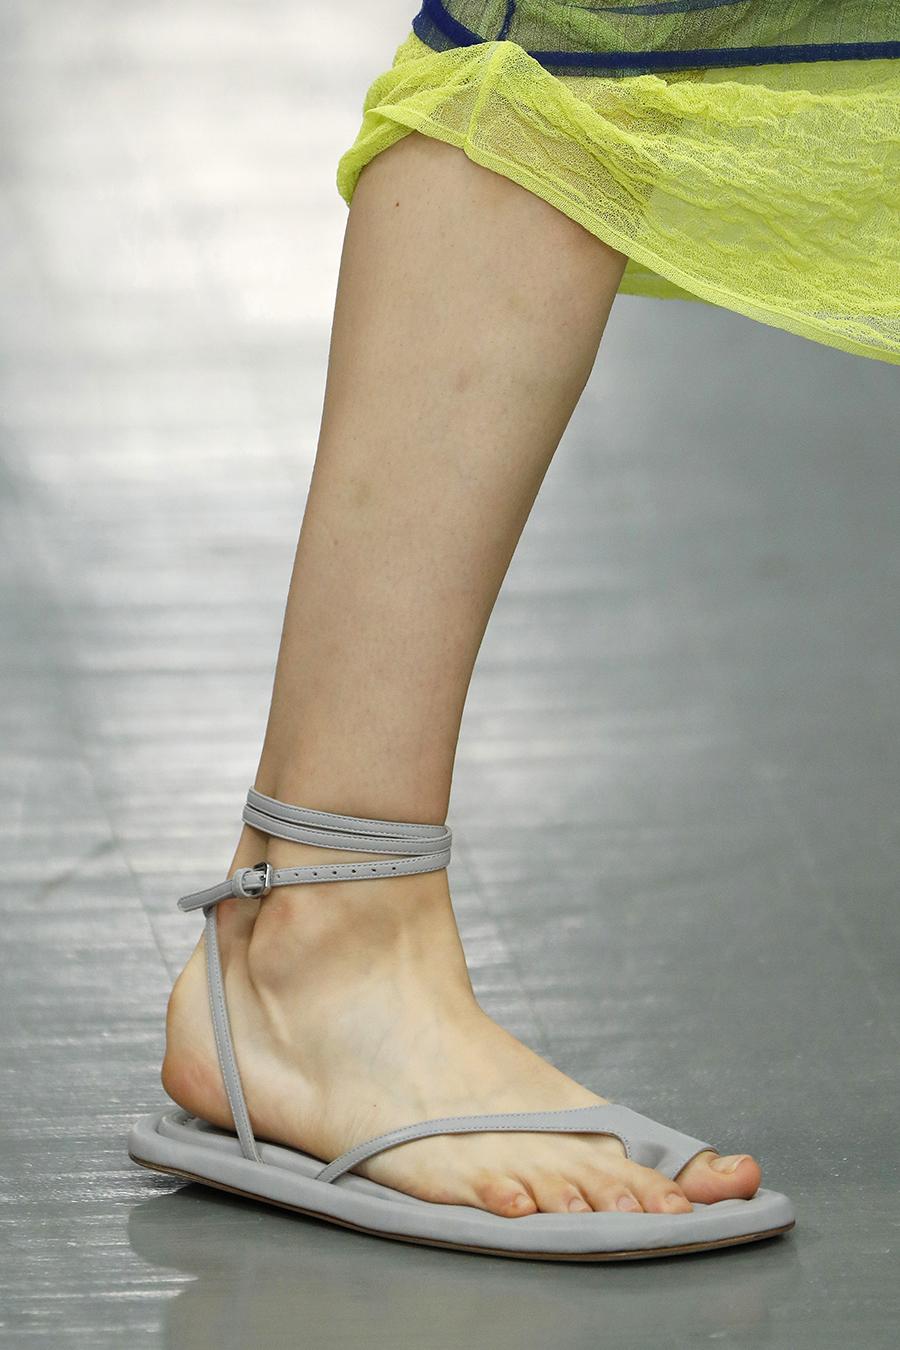 модная обувь лето 2021 на низком ходу плоская подошва без каблука женская на большой палец лиловые серые